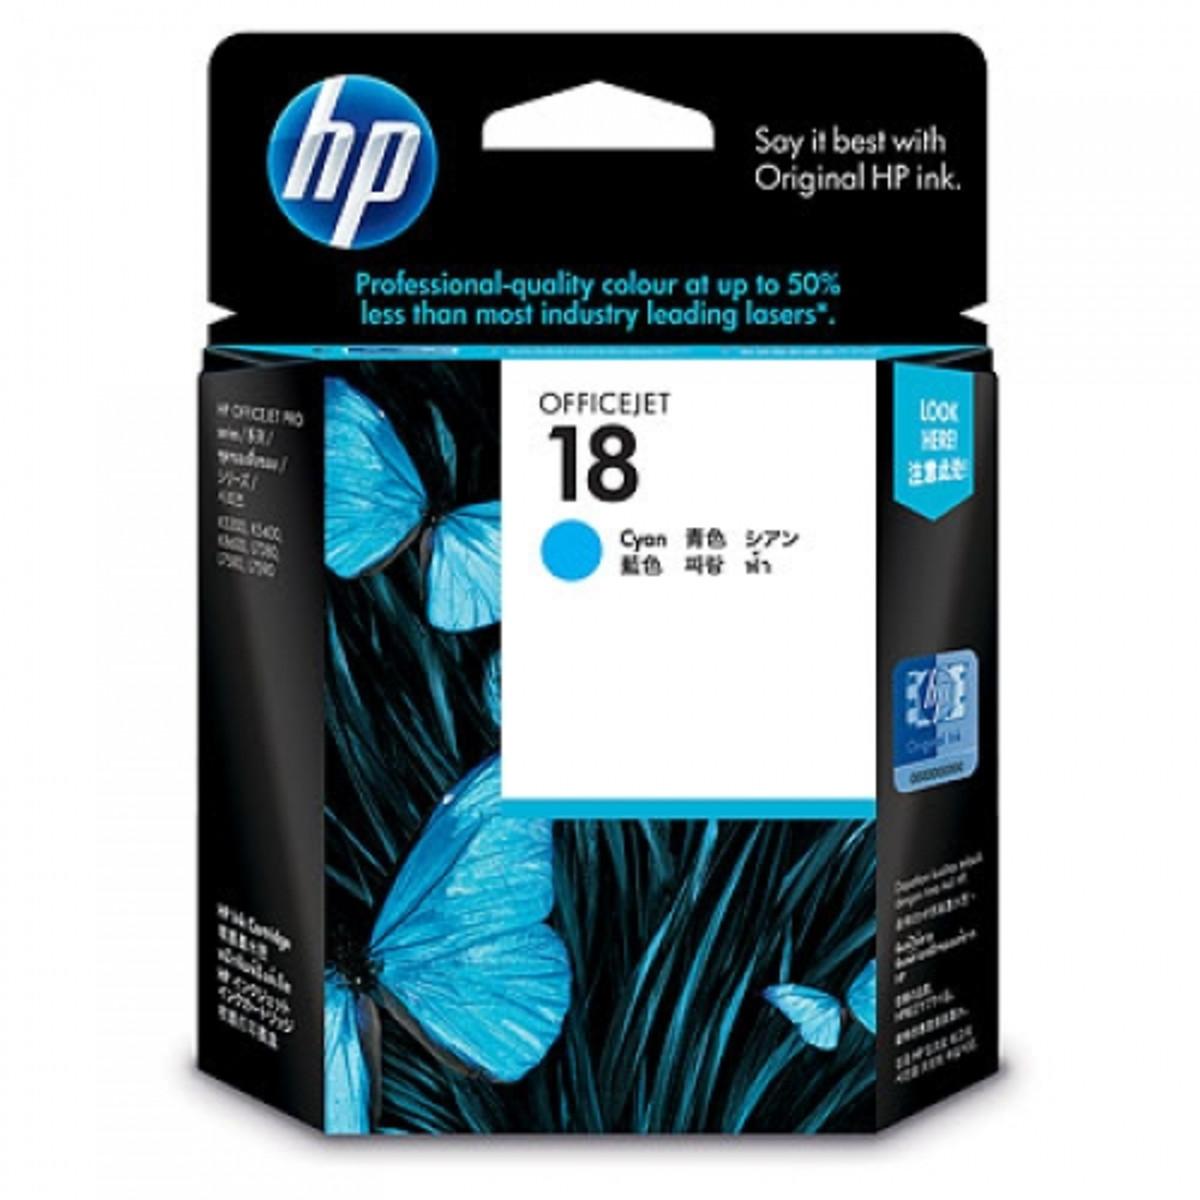 HP 18 (C4937A) Cyan Ink Cartridge